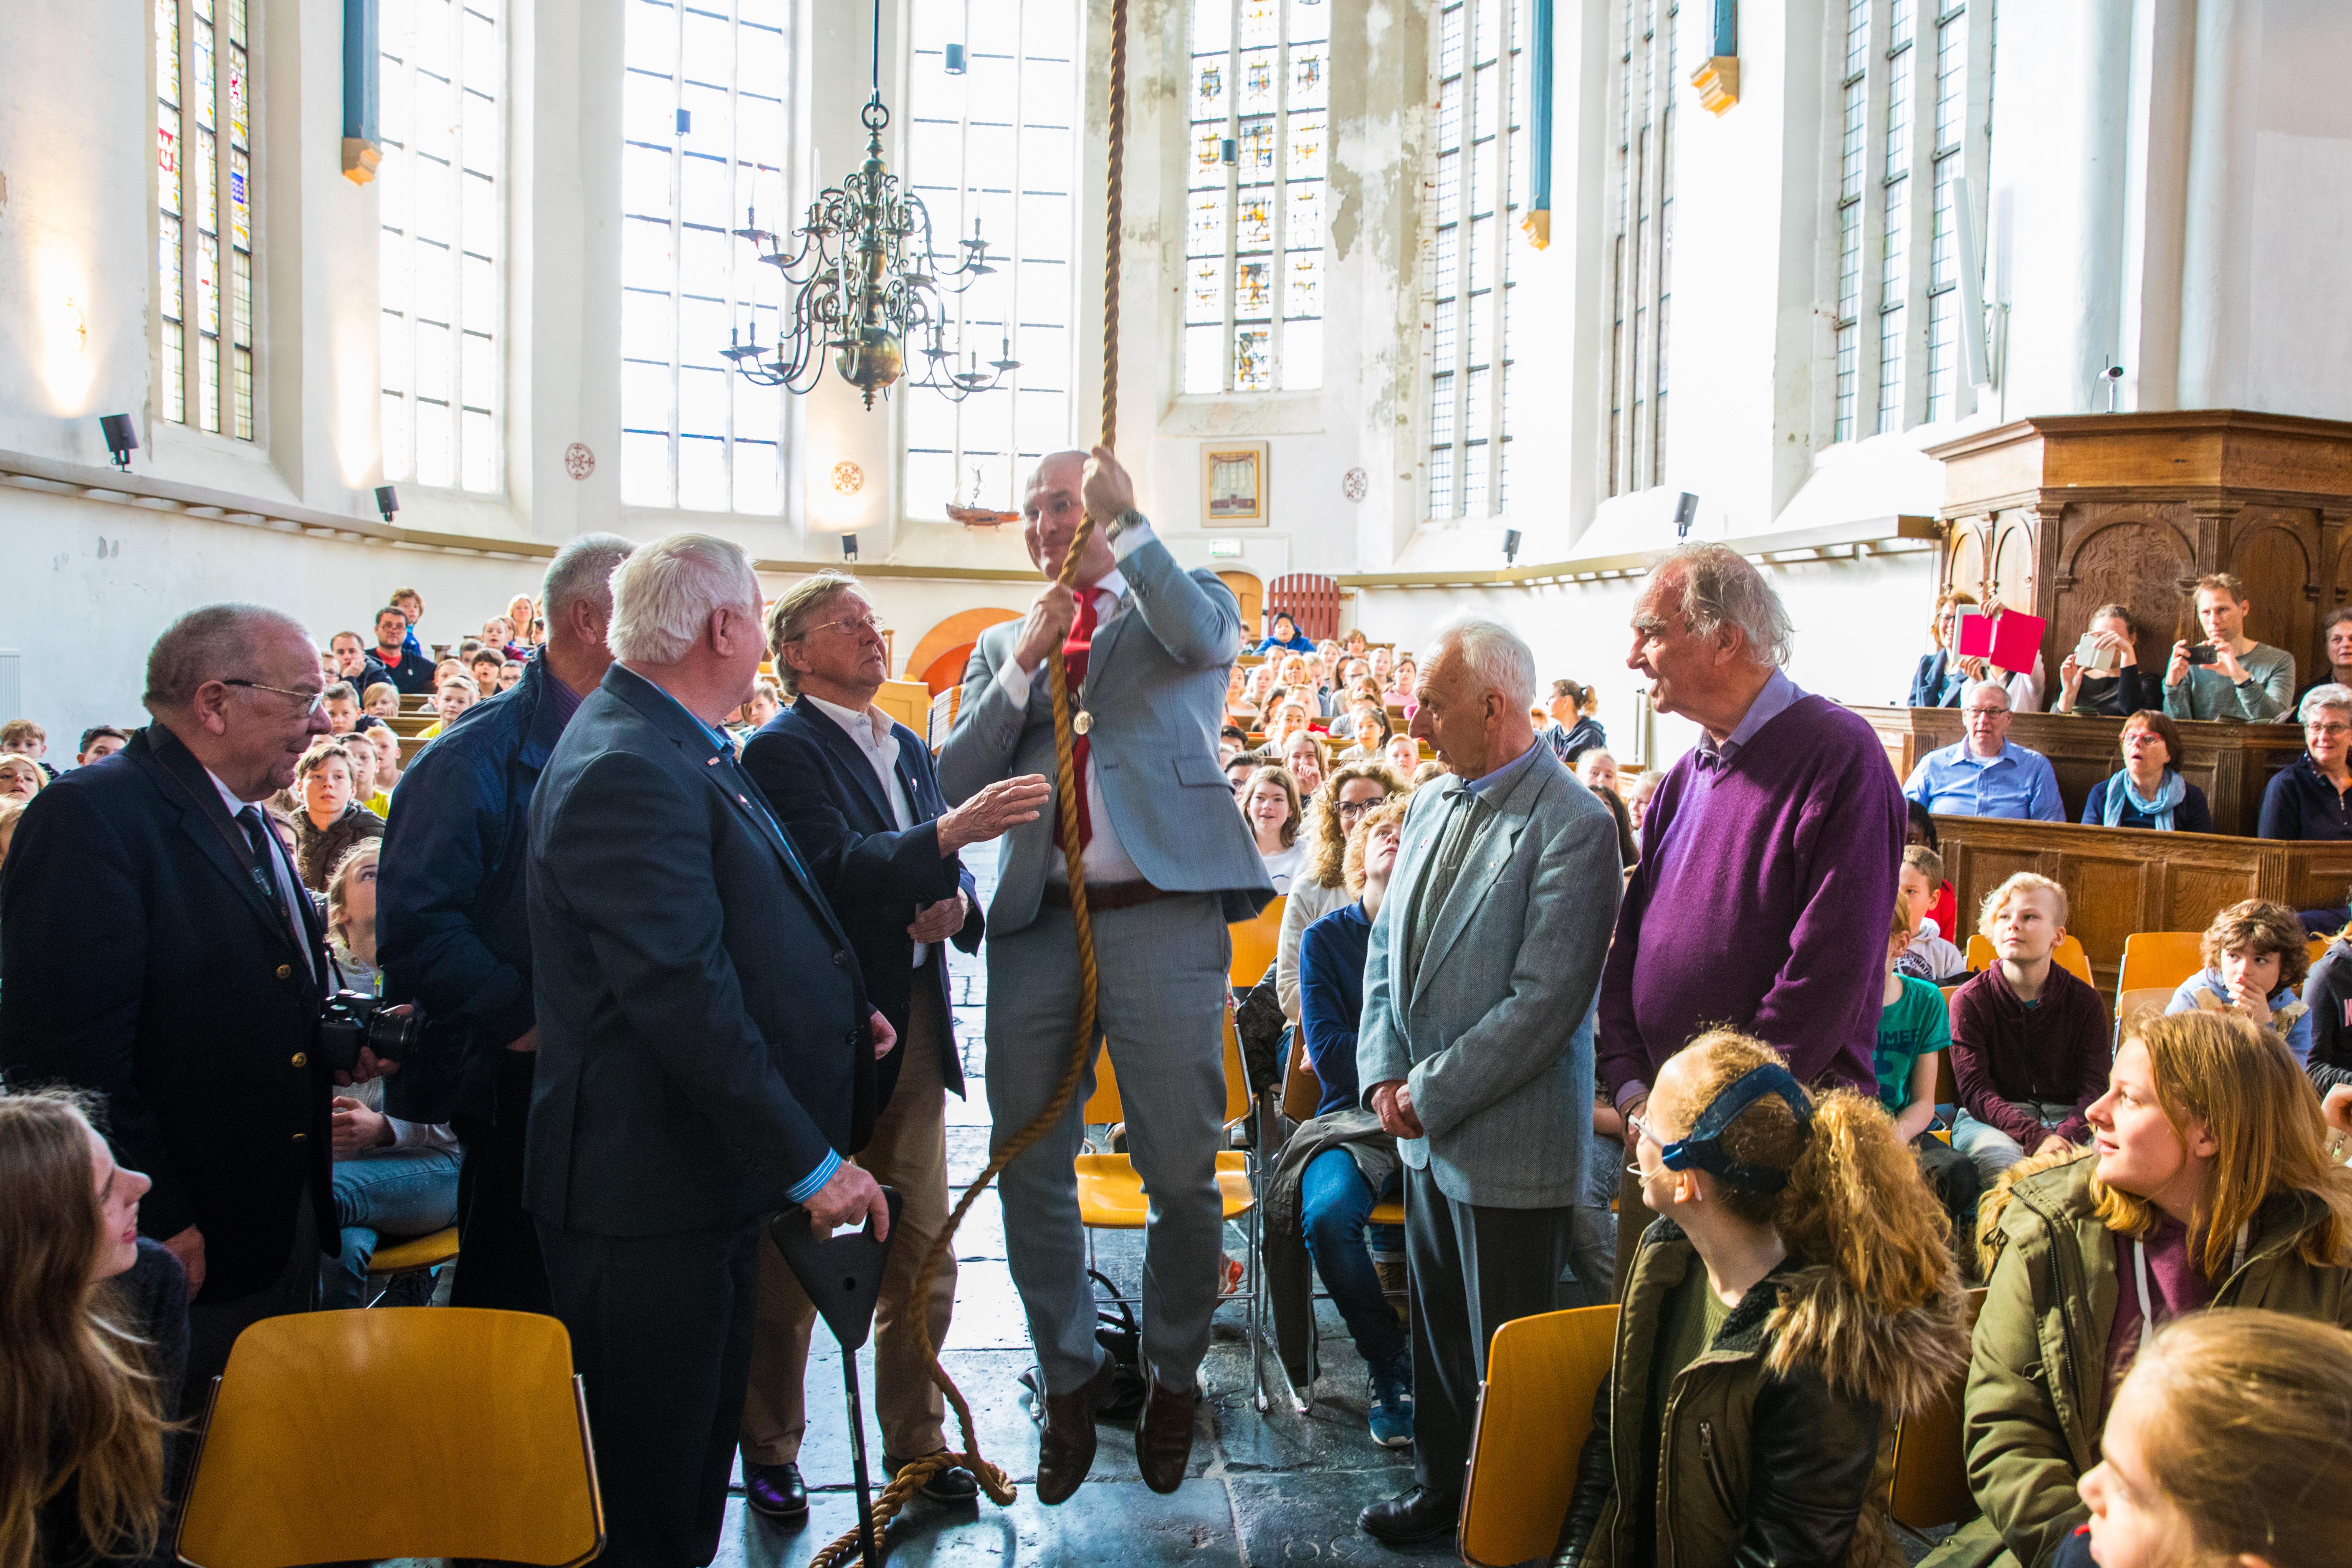 Burgmeester Jan Nieuwenburg lanceerde in de Oosterkerk de unieke website vol verhalen, digilessen en ooggetuigenverslagen. (Foto: Vincent de Vries/RM)